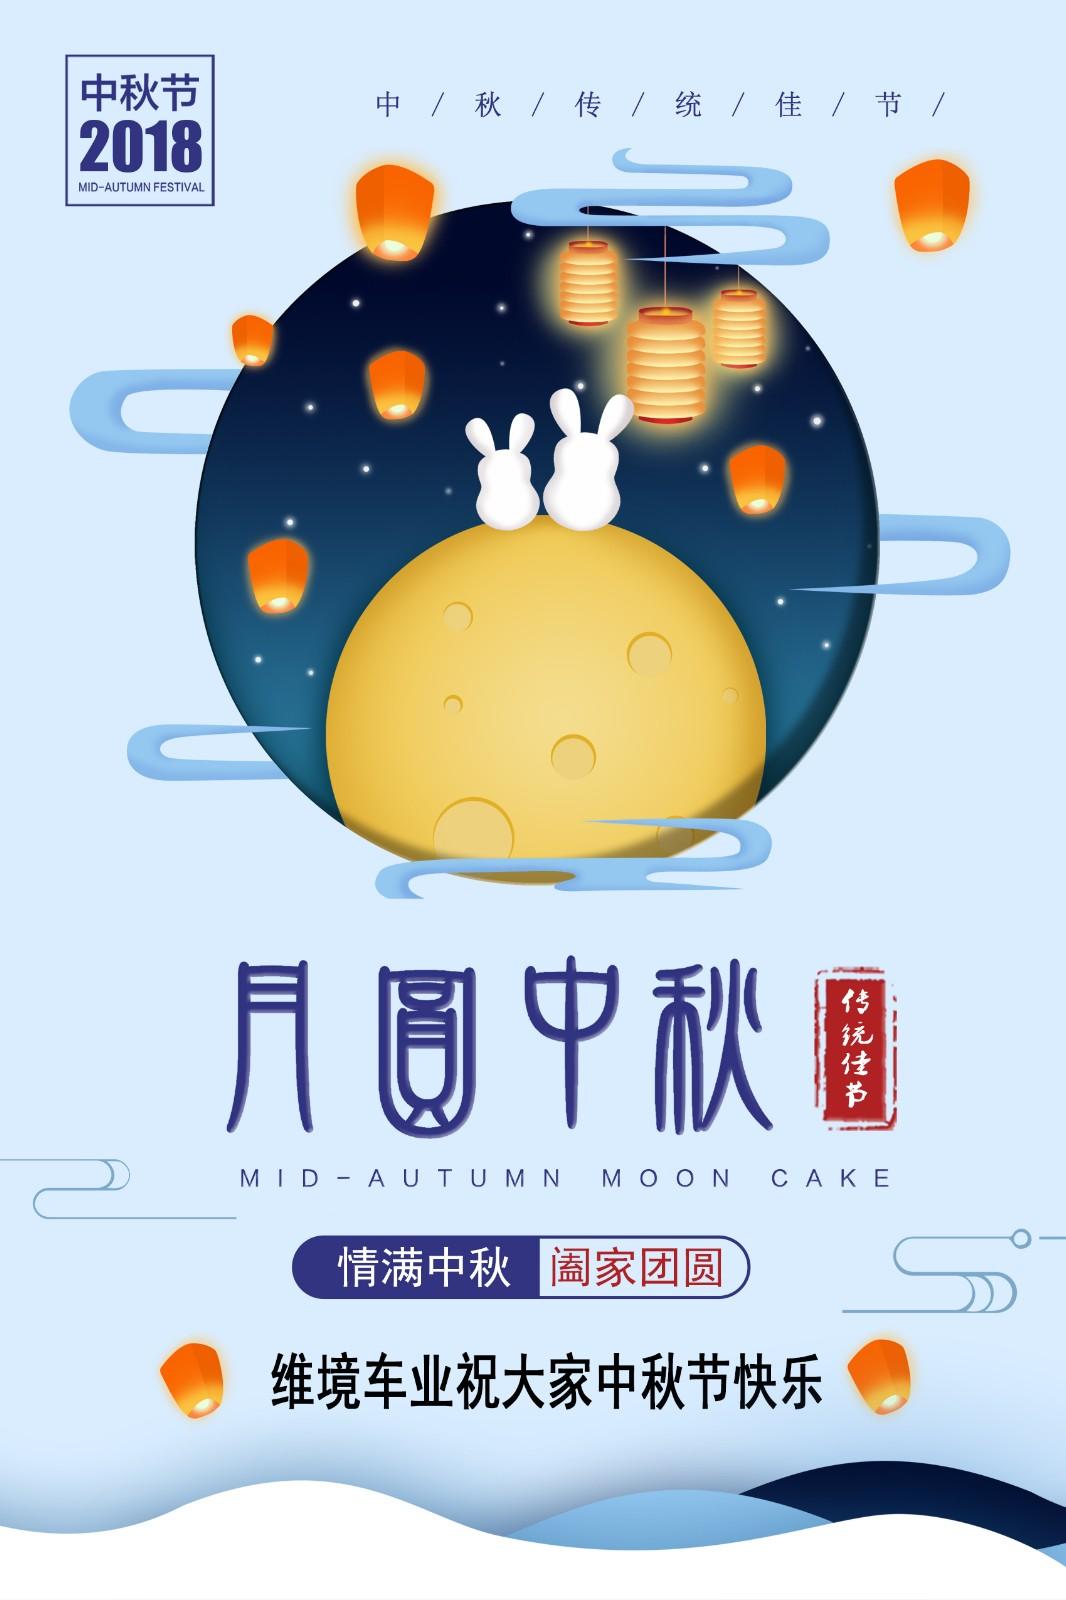 2018维境车业中秋节图片.jpg